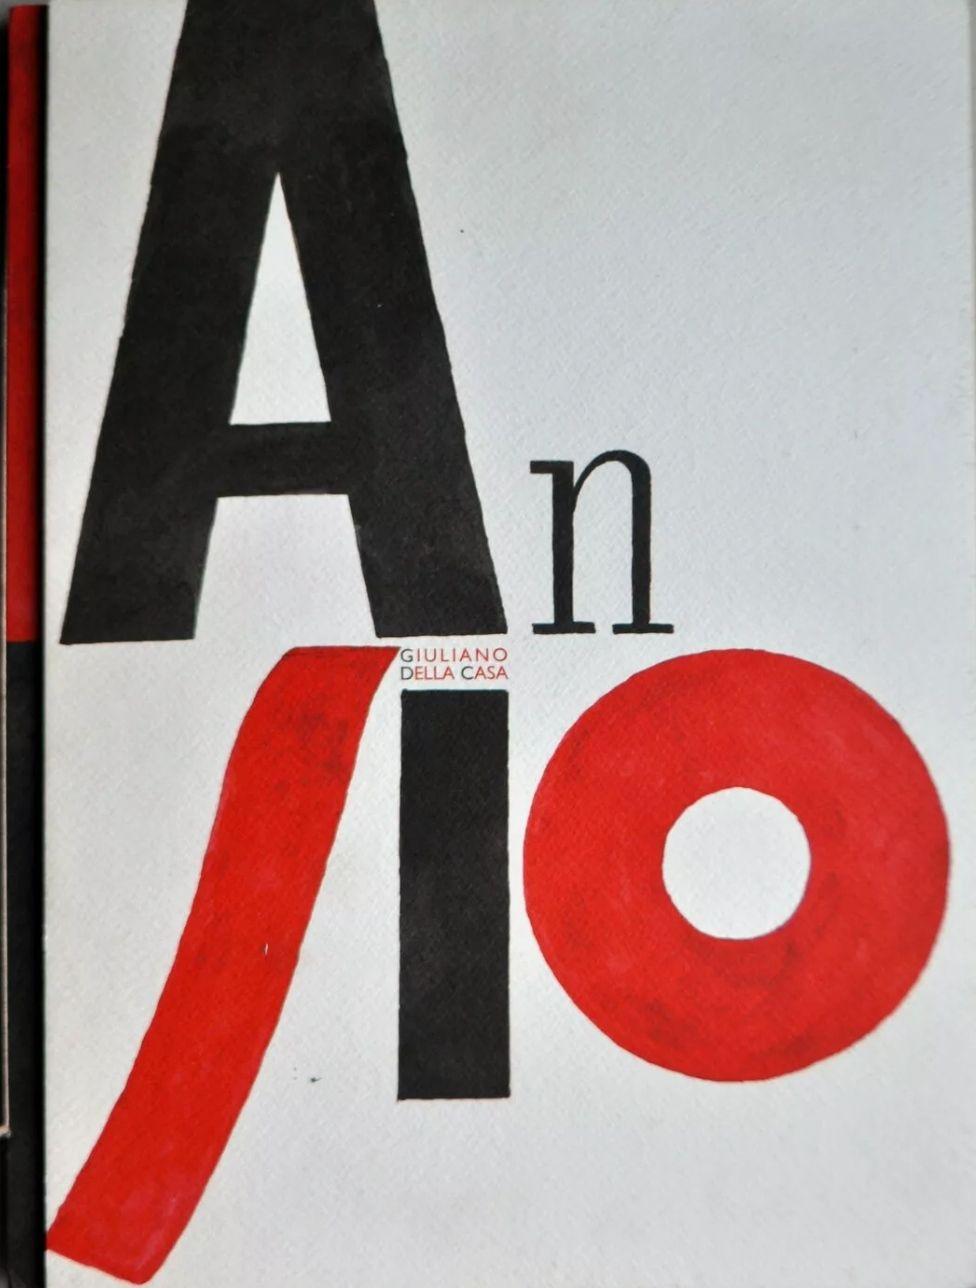 Giuliano Della Casa, Asino. Libro d'artista-poster. 350 copie. Dedica autografa. Prezzo eccezionale: 30€